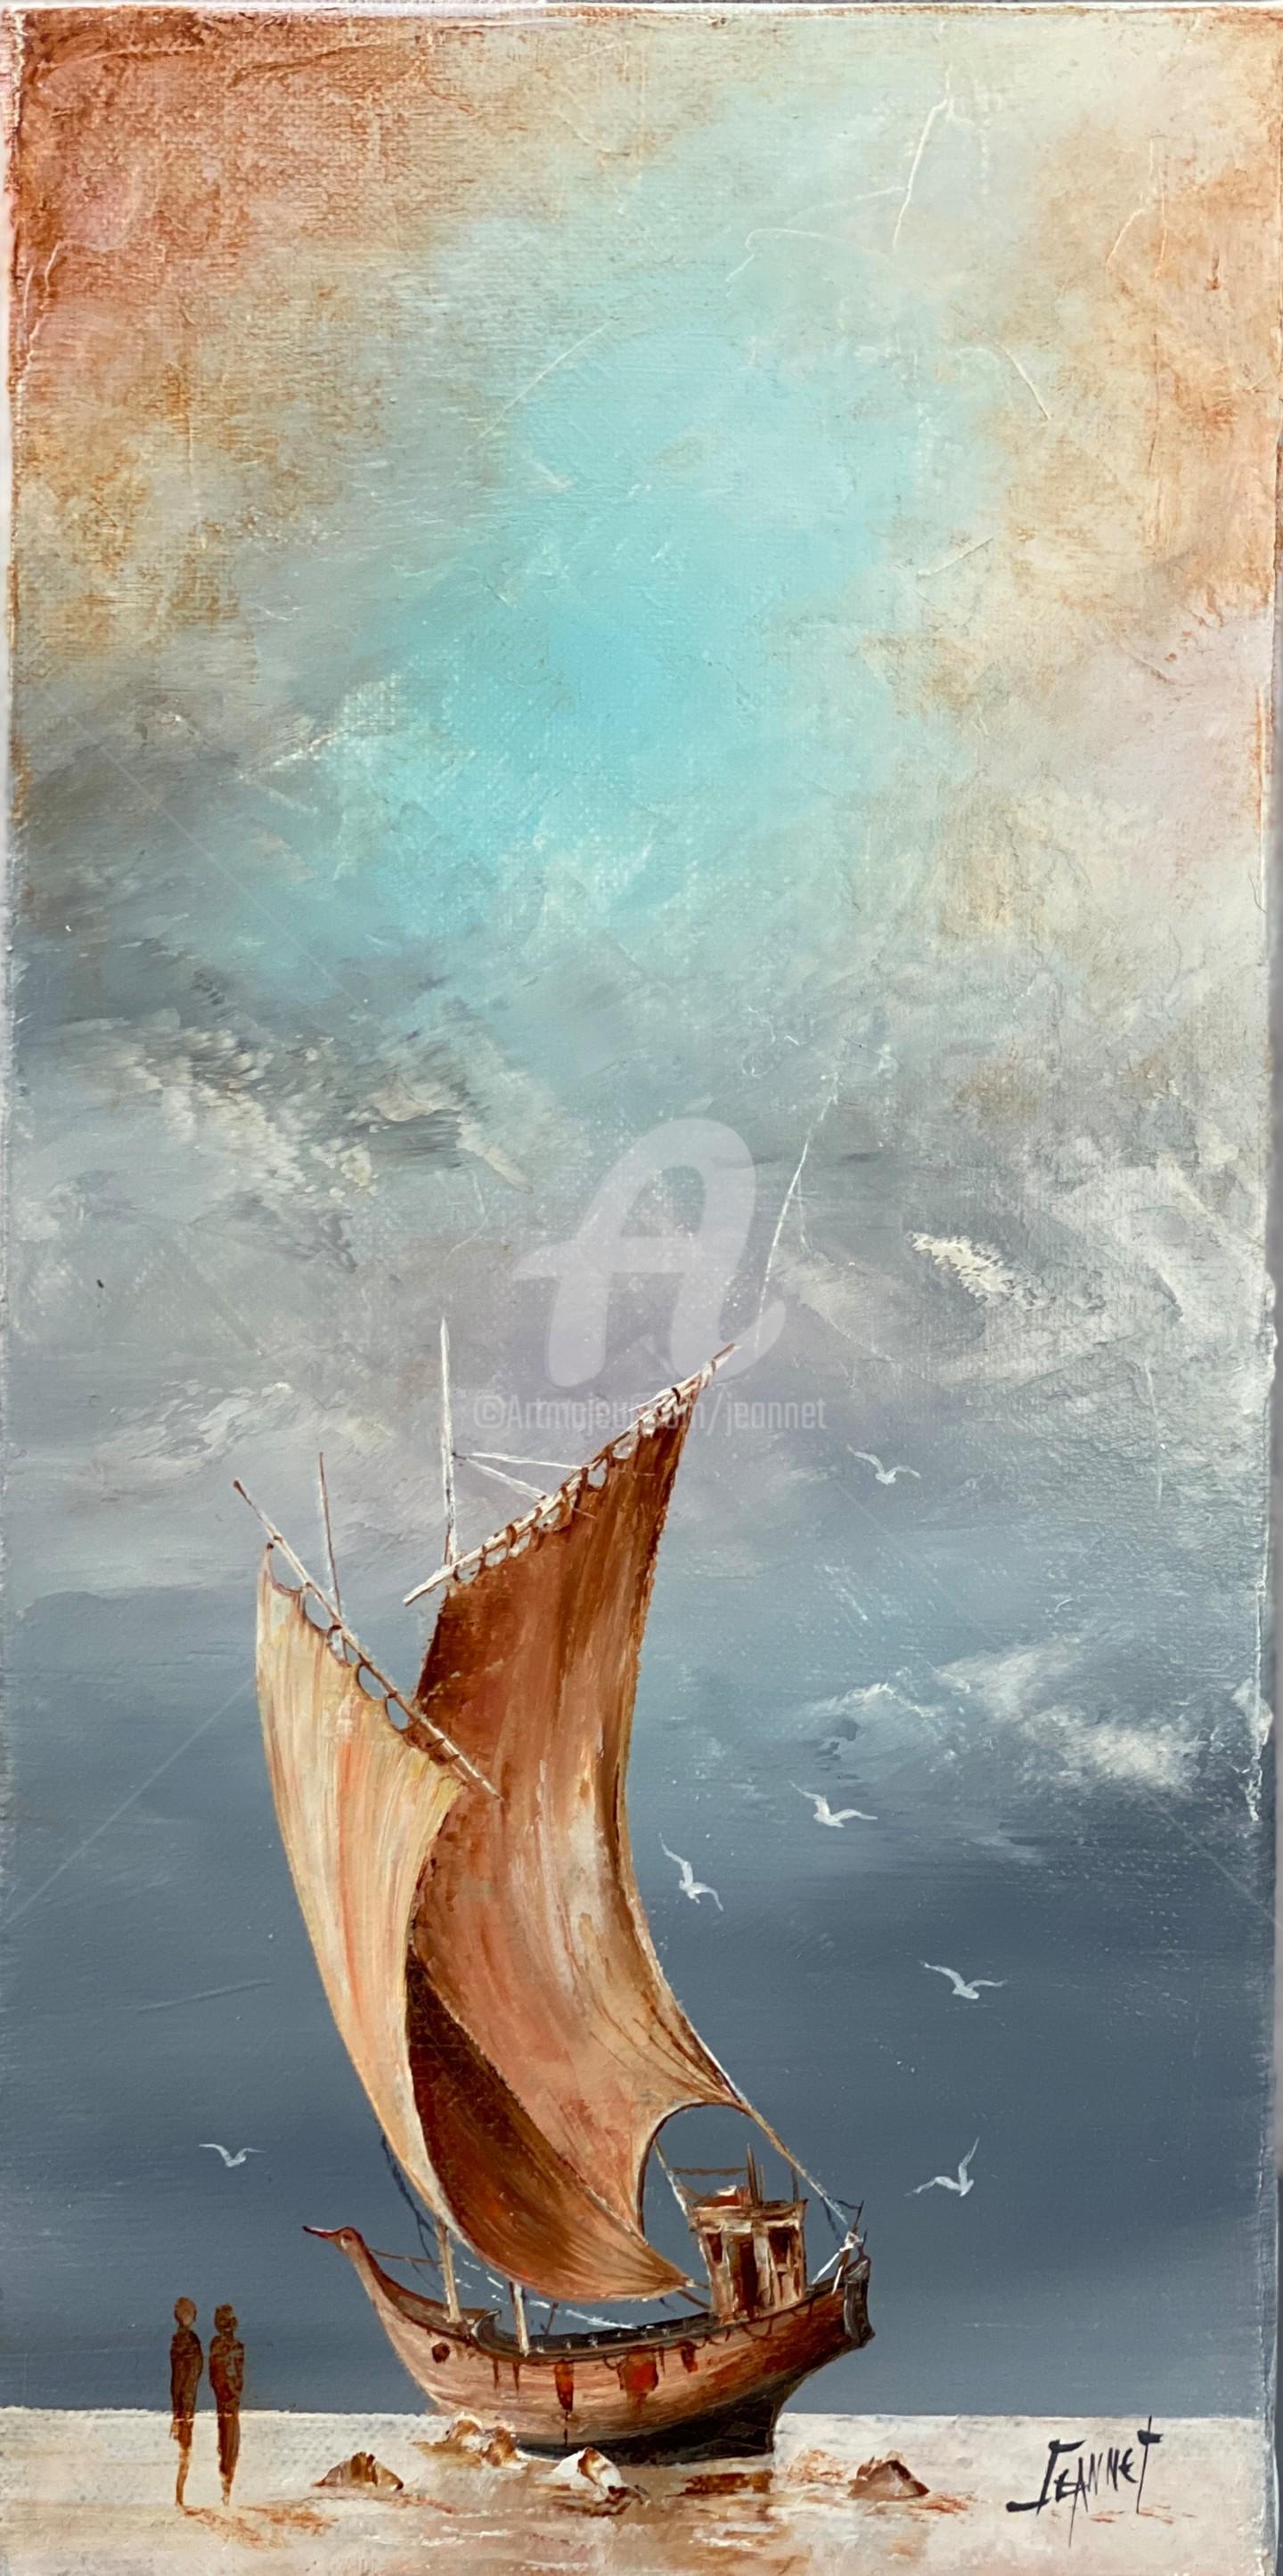 Jeannet - La toile Magique